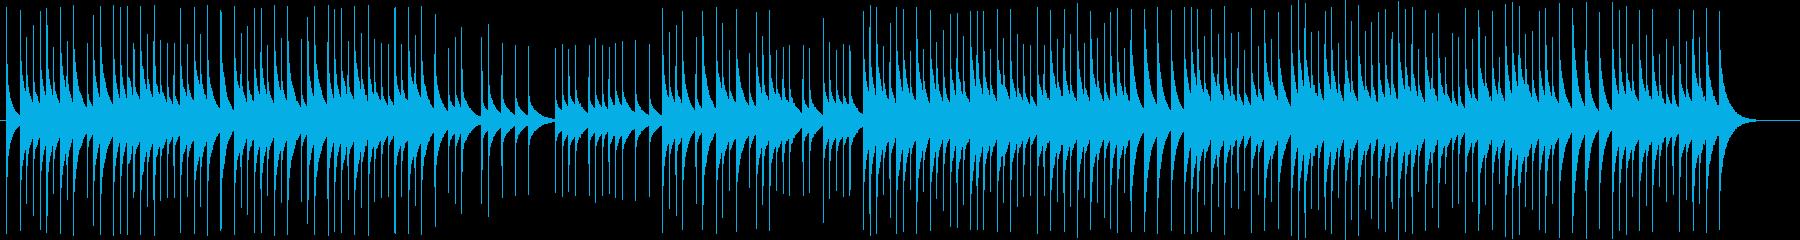 落ち着いた可愛らしいオルゴール曲の再生済みの波形